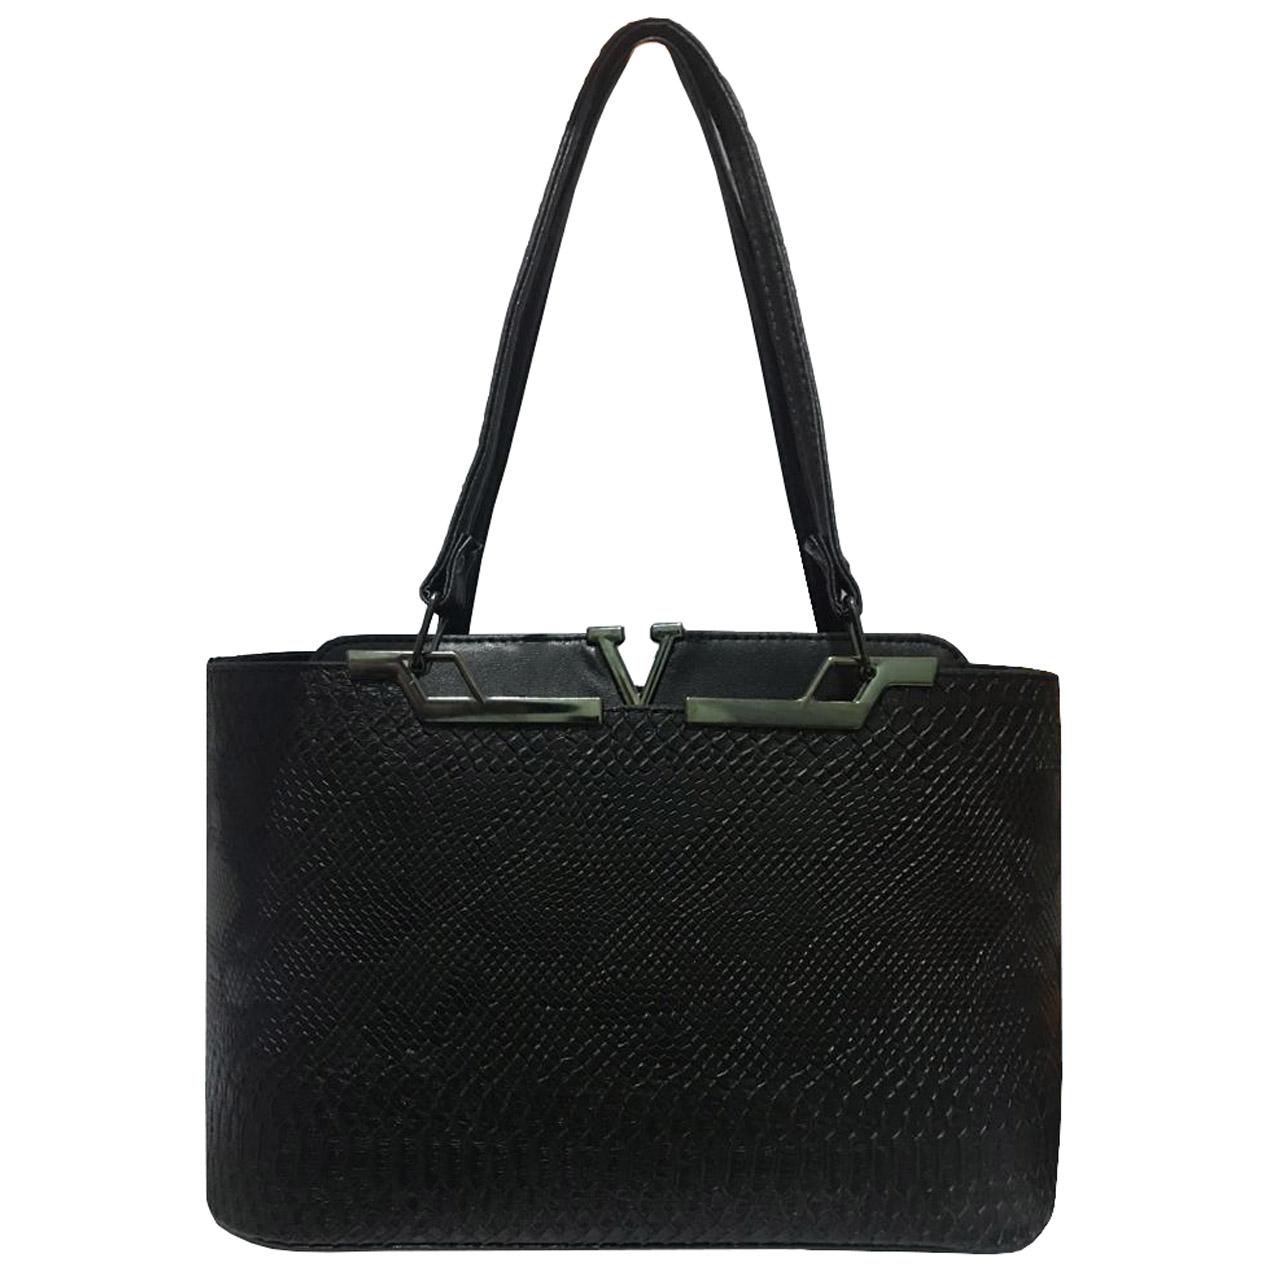 کیف دستی زنانه مدل 2-340 به همراه جاسوییچی چرم طبیعی طرح کفش هدیه